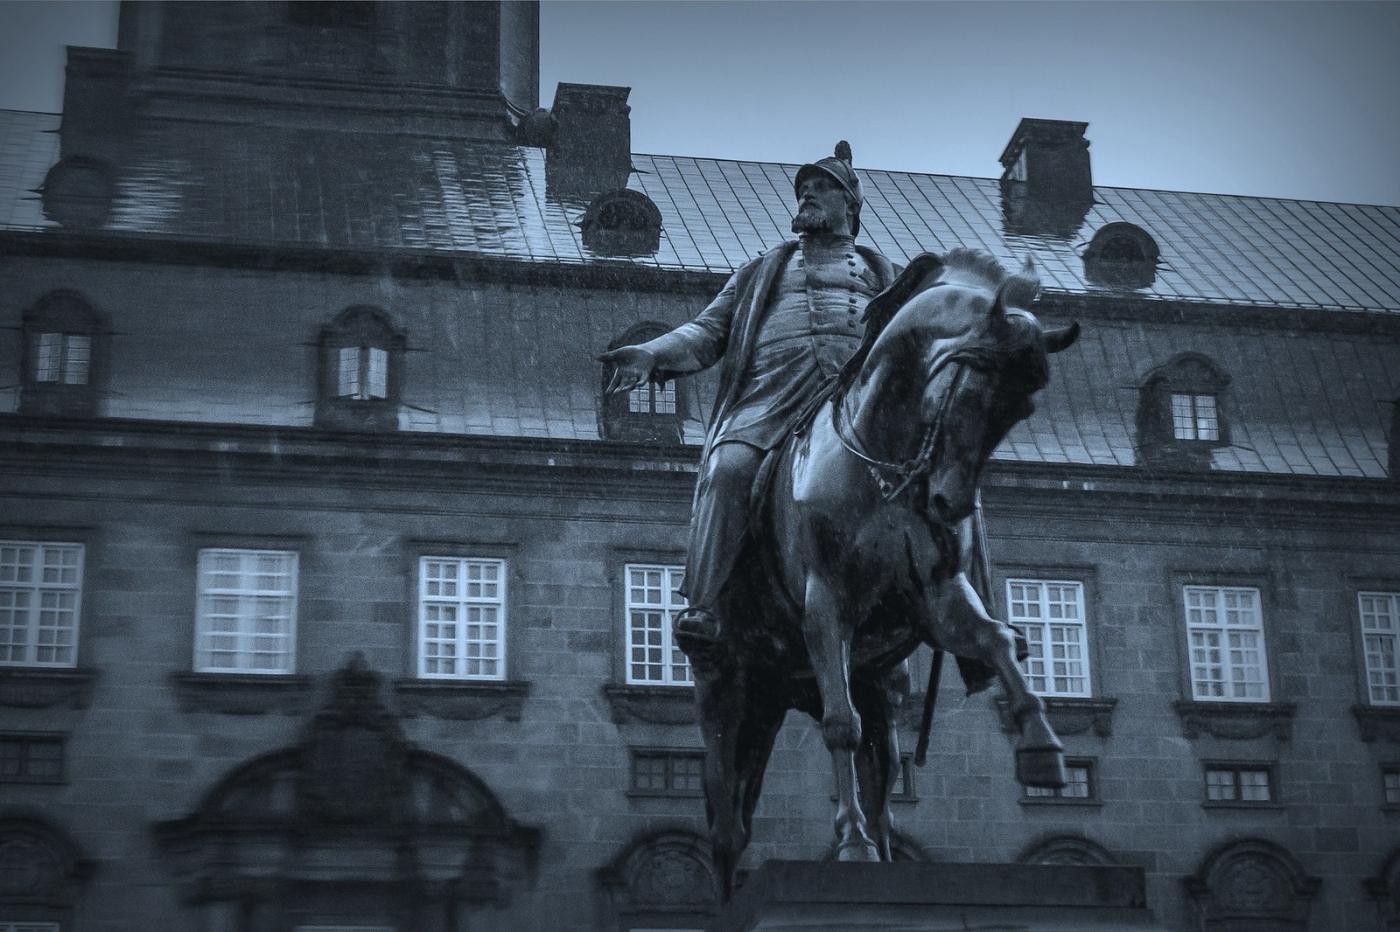 丹麦美人鱼雕像,雕塑家妻子为蓝本_图1-7